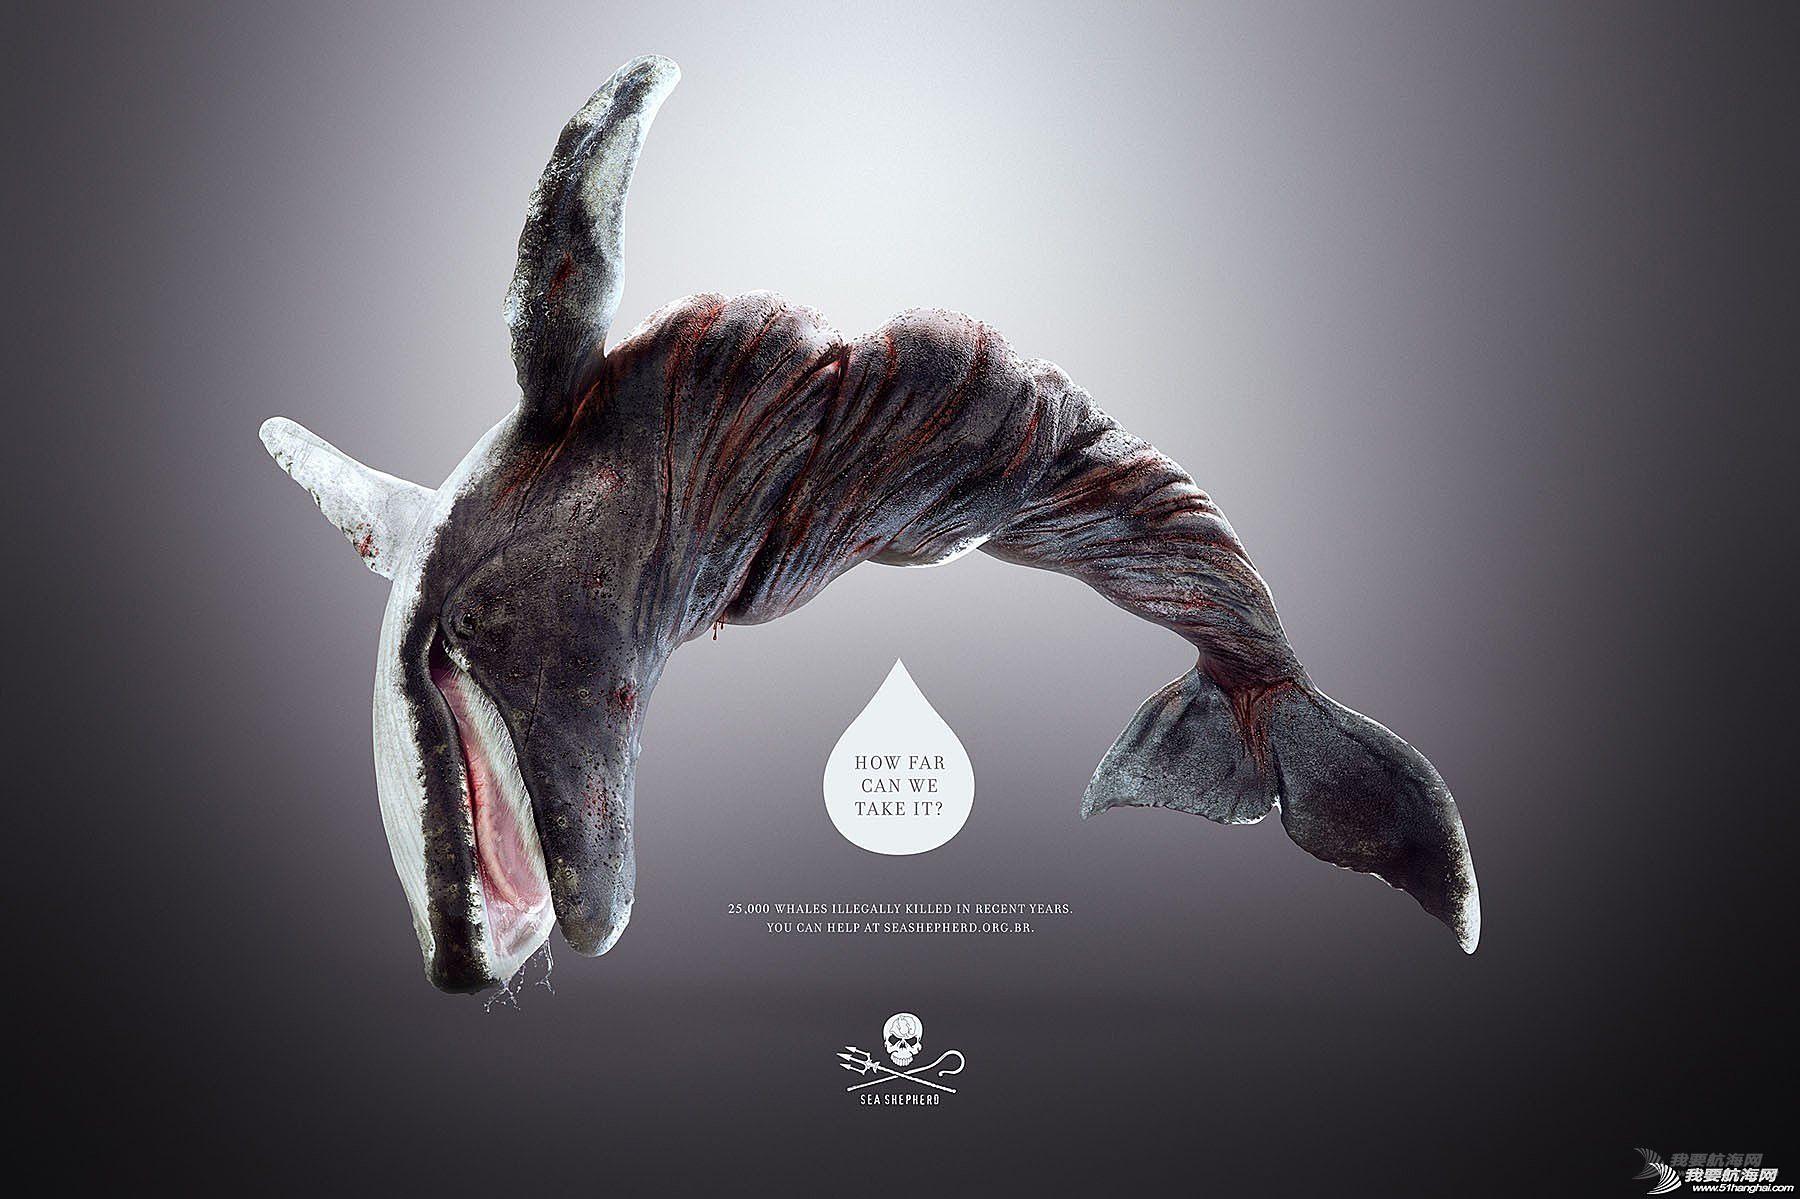 平面设计,海洋,动物 扭曲的海洋、生物